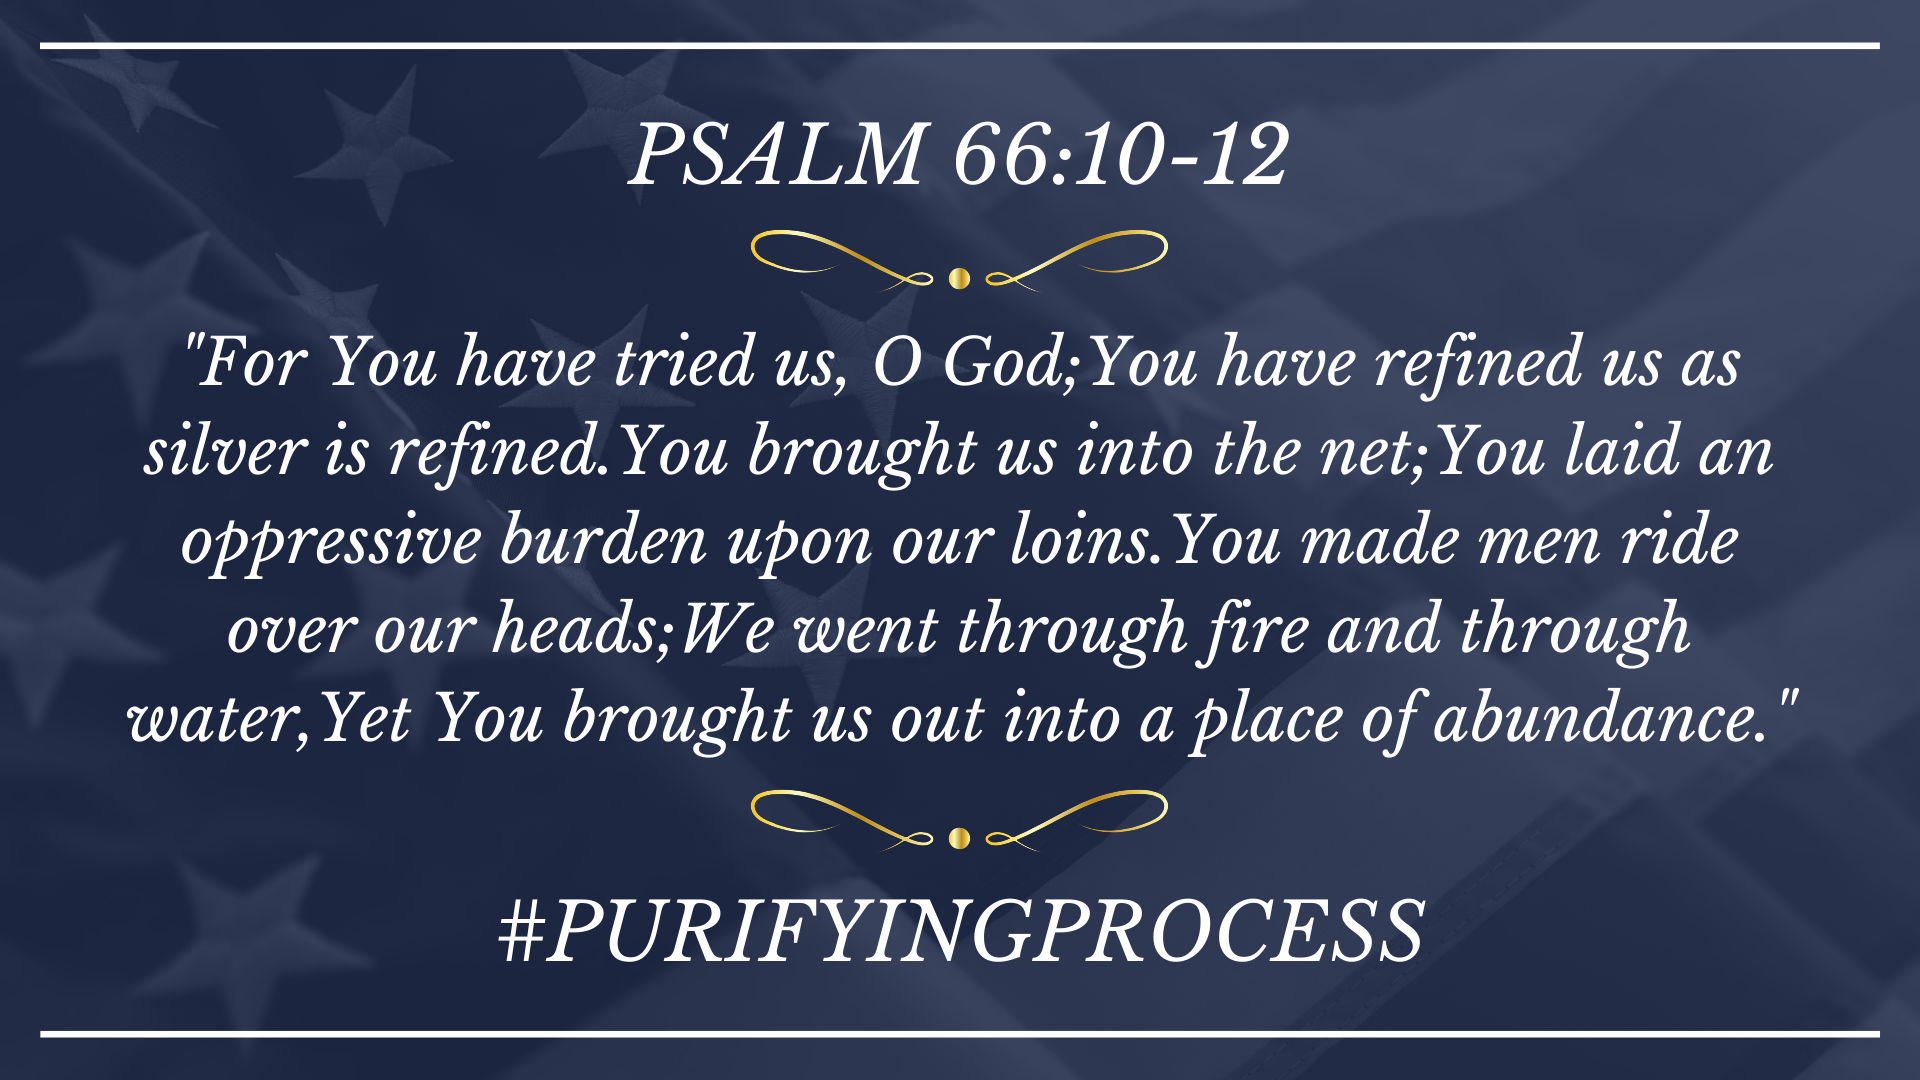 05.17.20 #PURIFYINGPROCESS